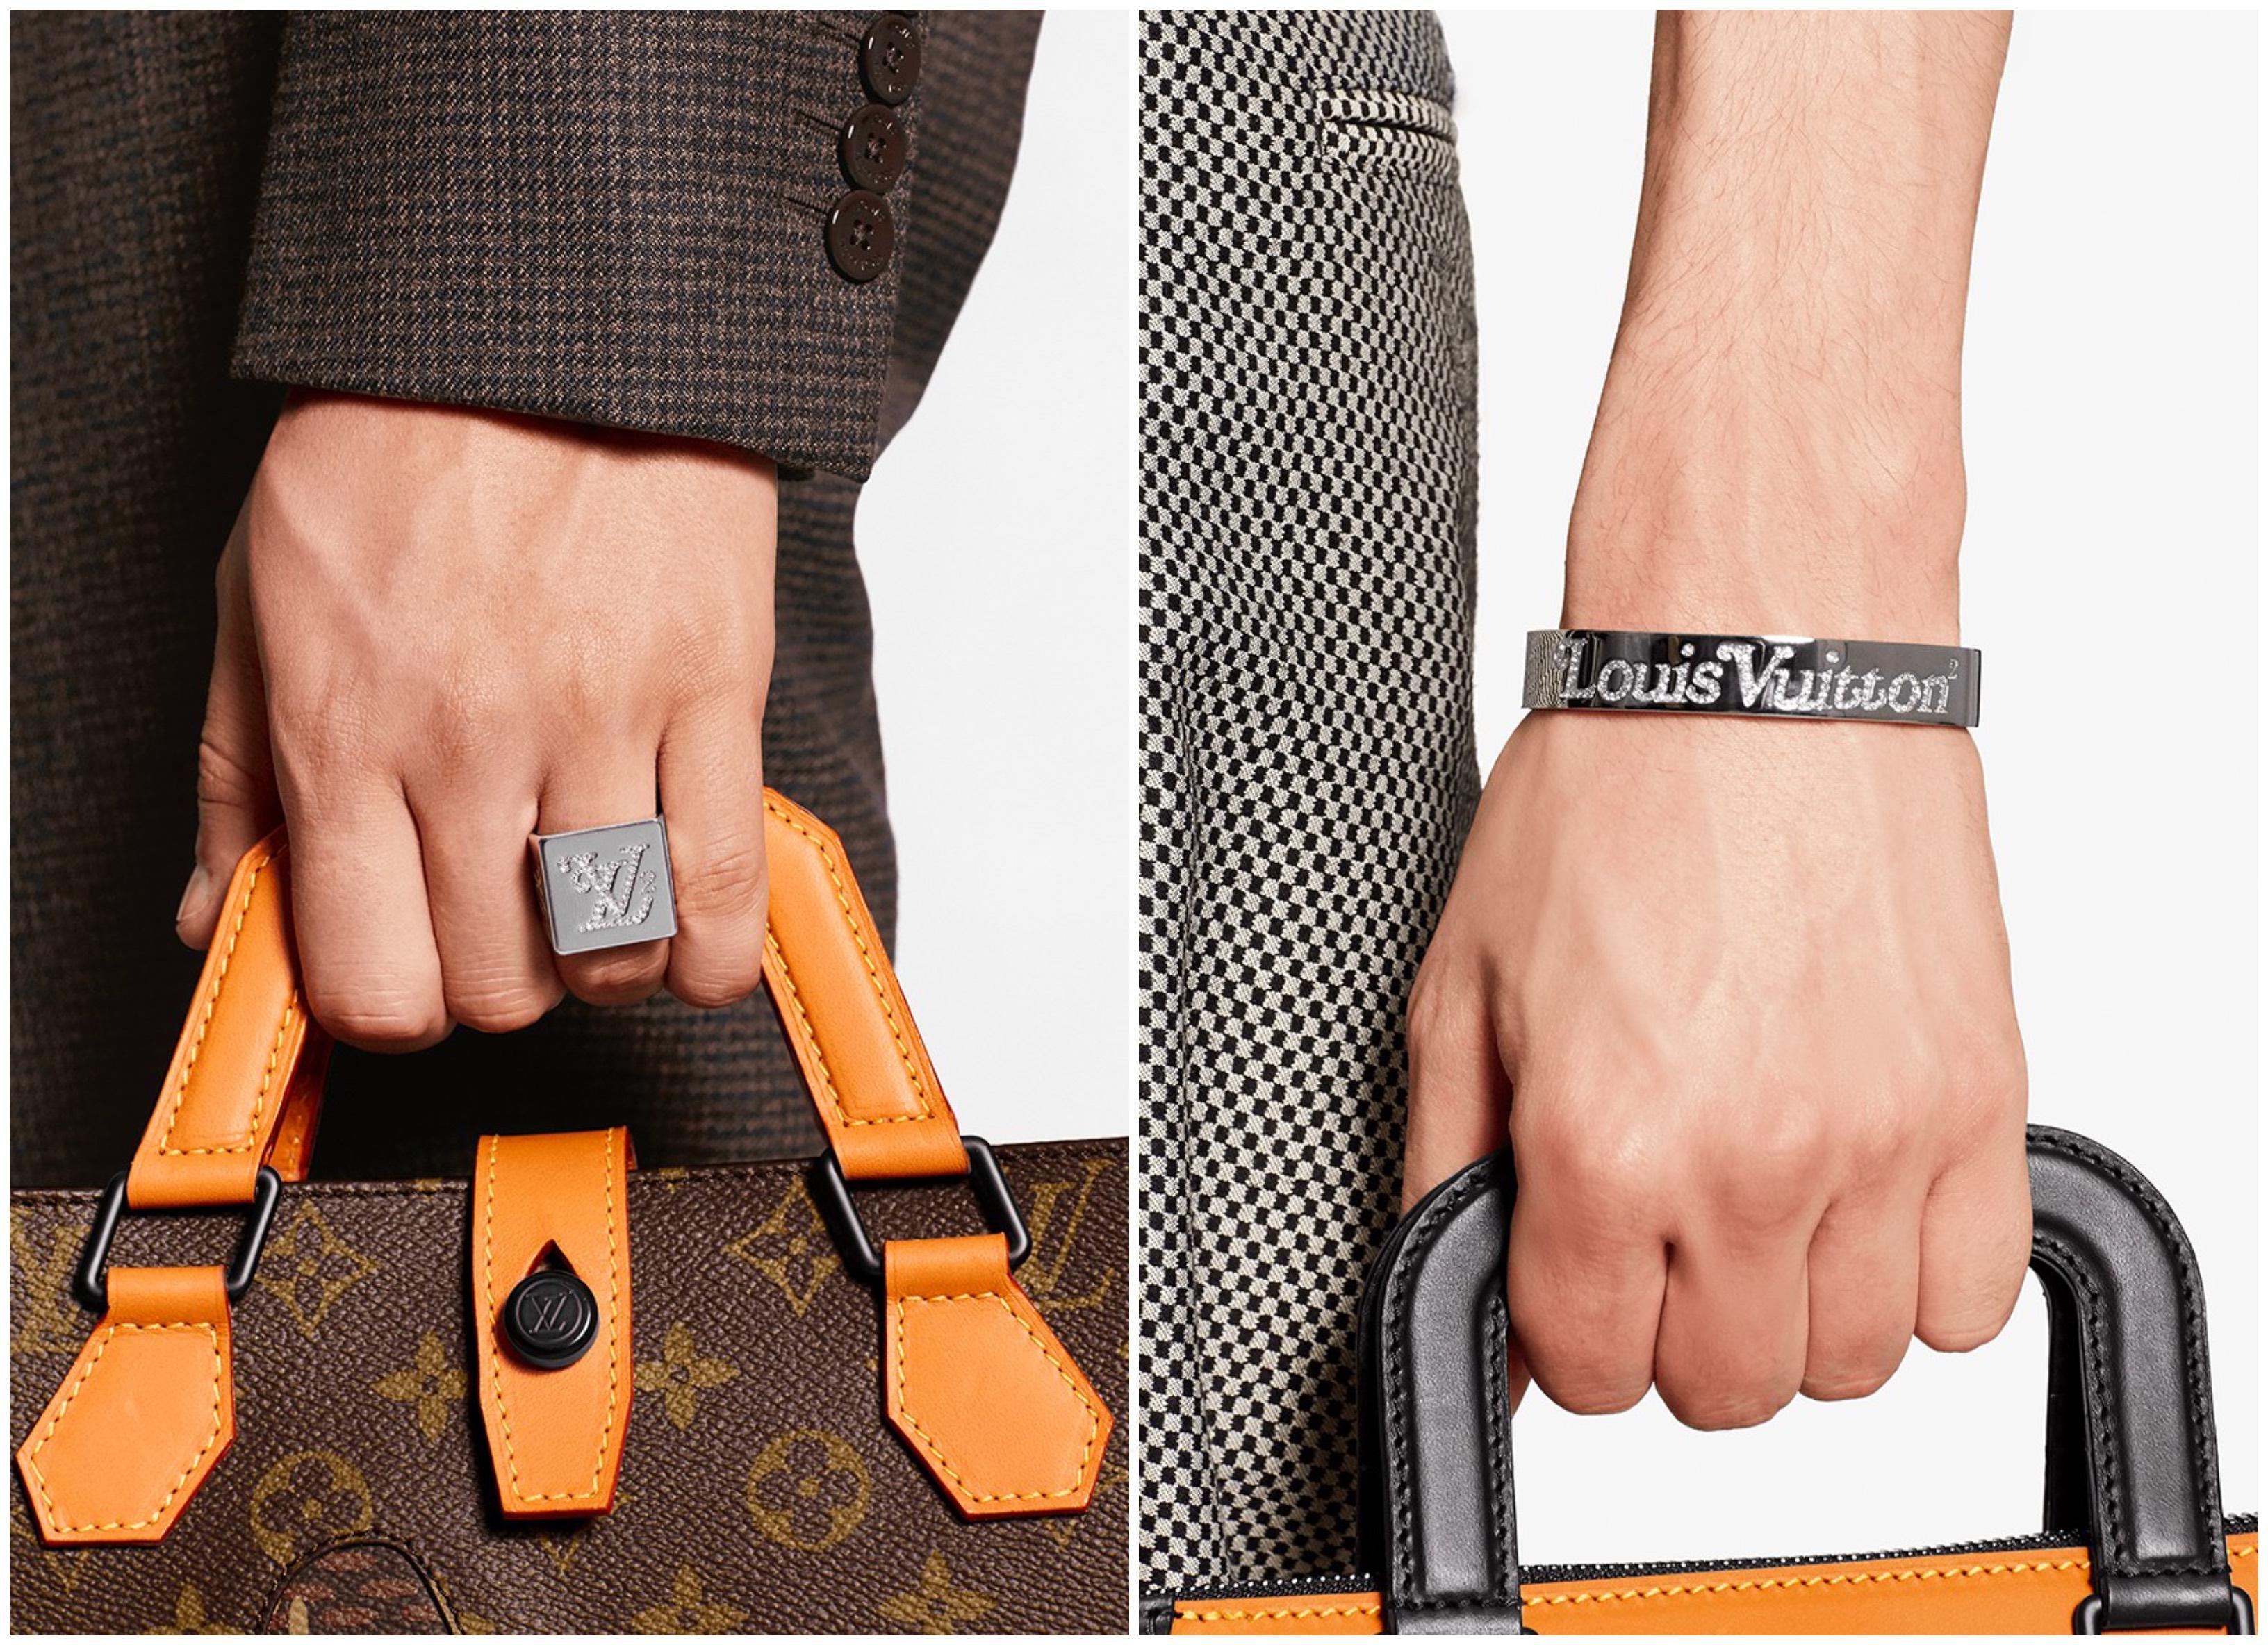 Louis Vuitton bst LV² phụ kiện nhẫn và vòng tay